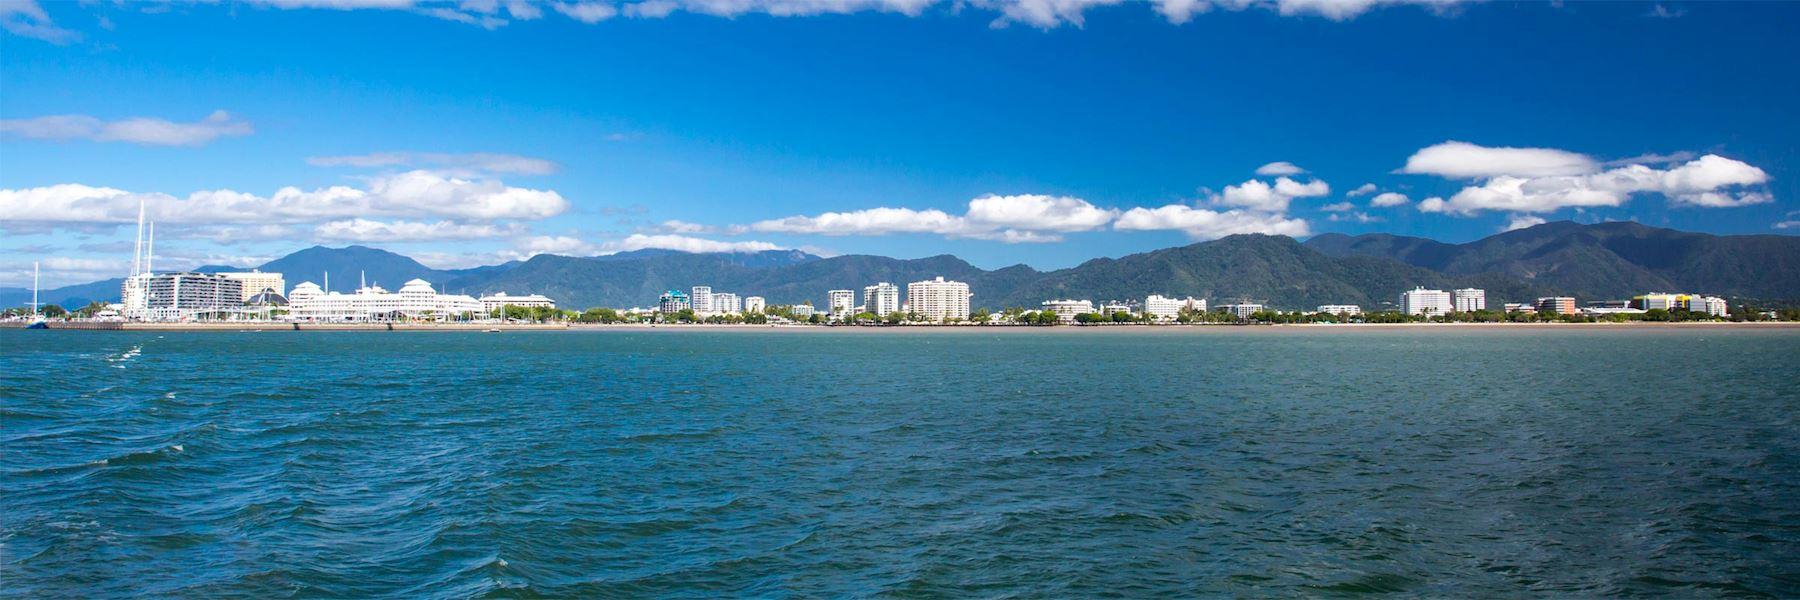 Visit Cairns, Australia